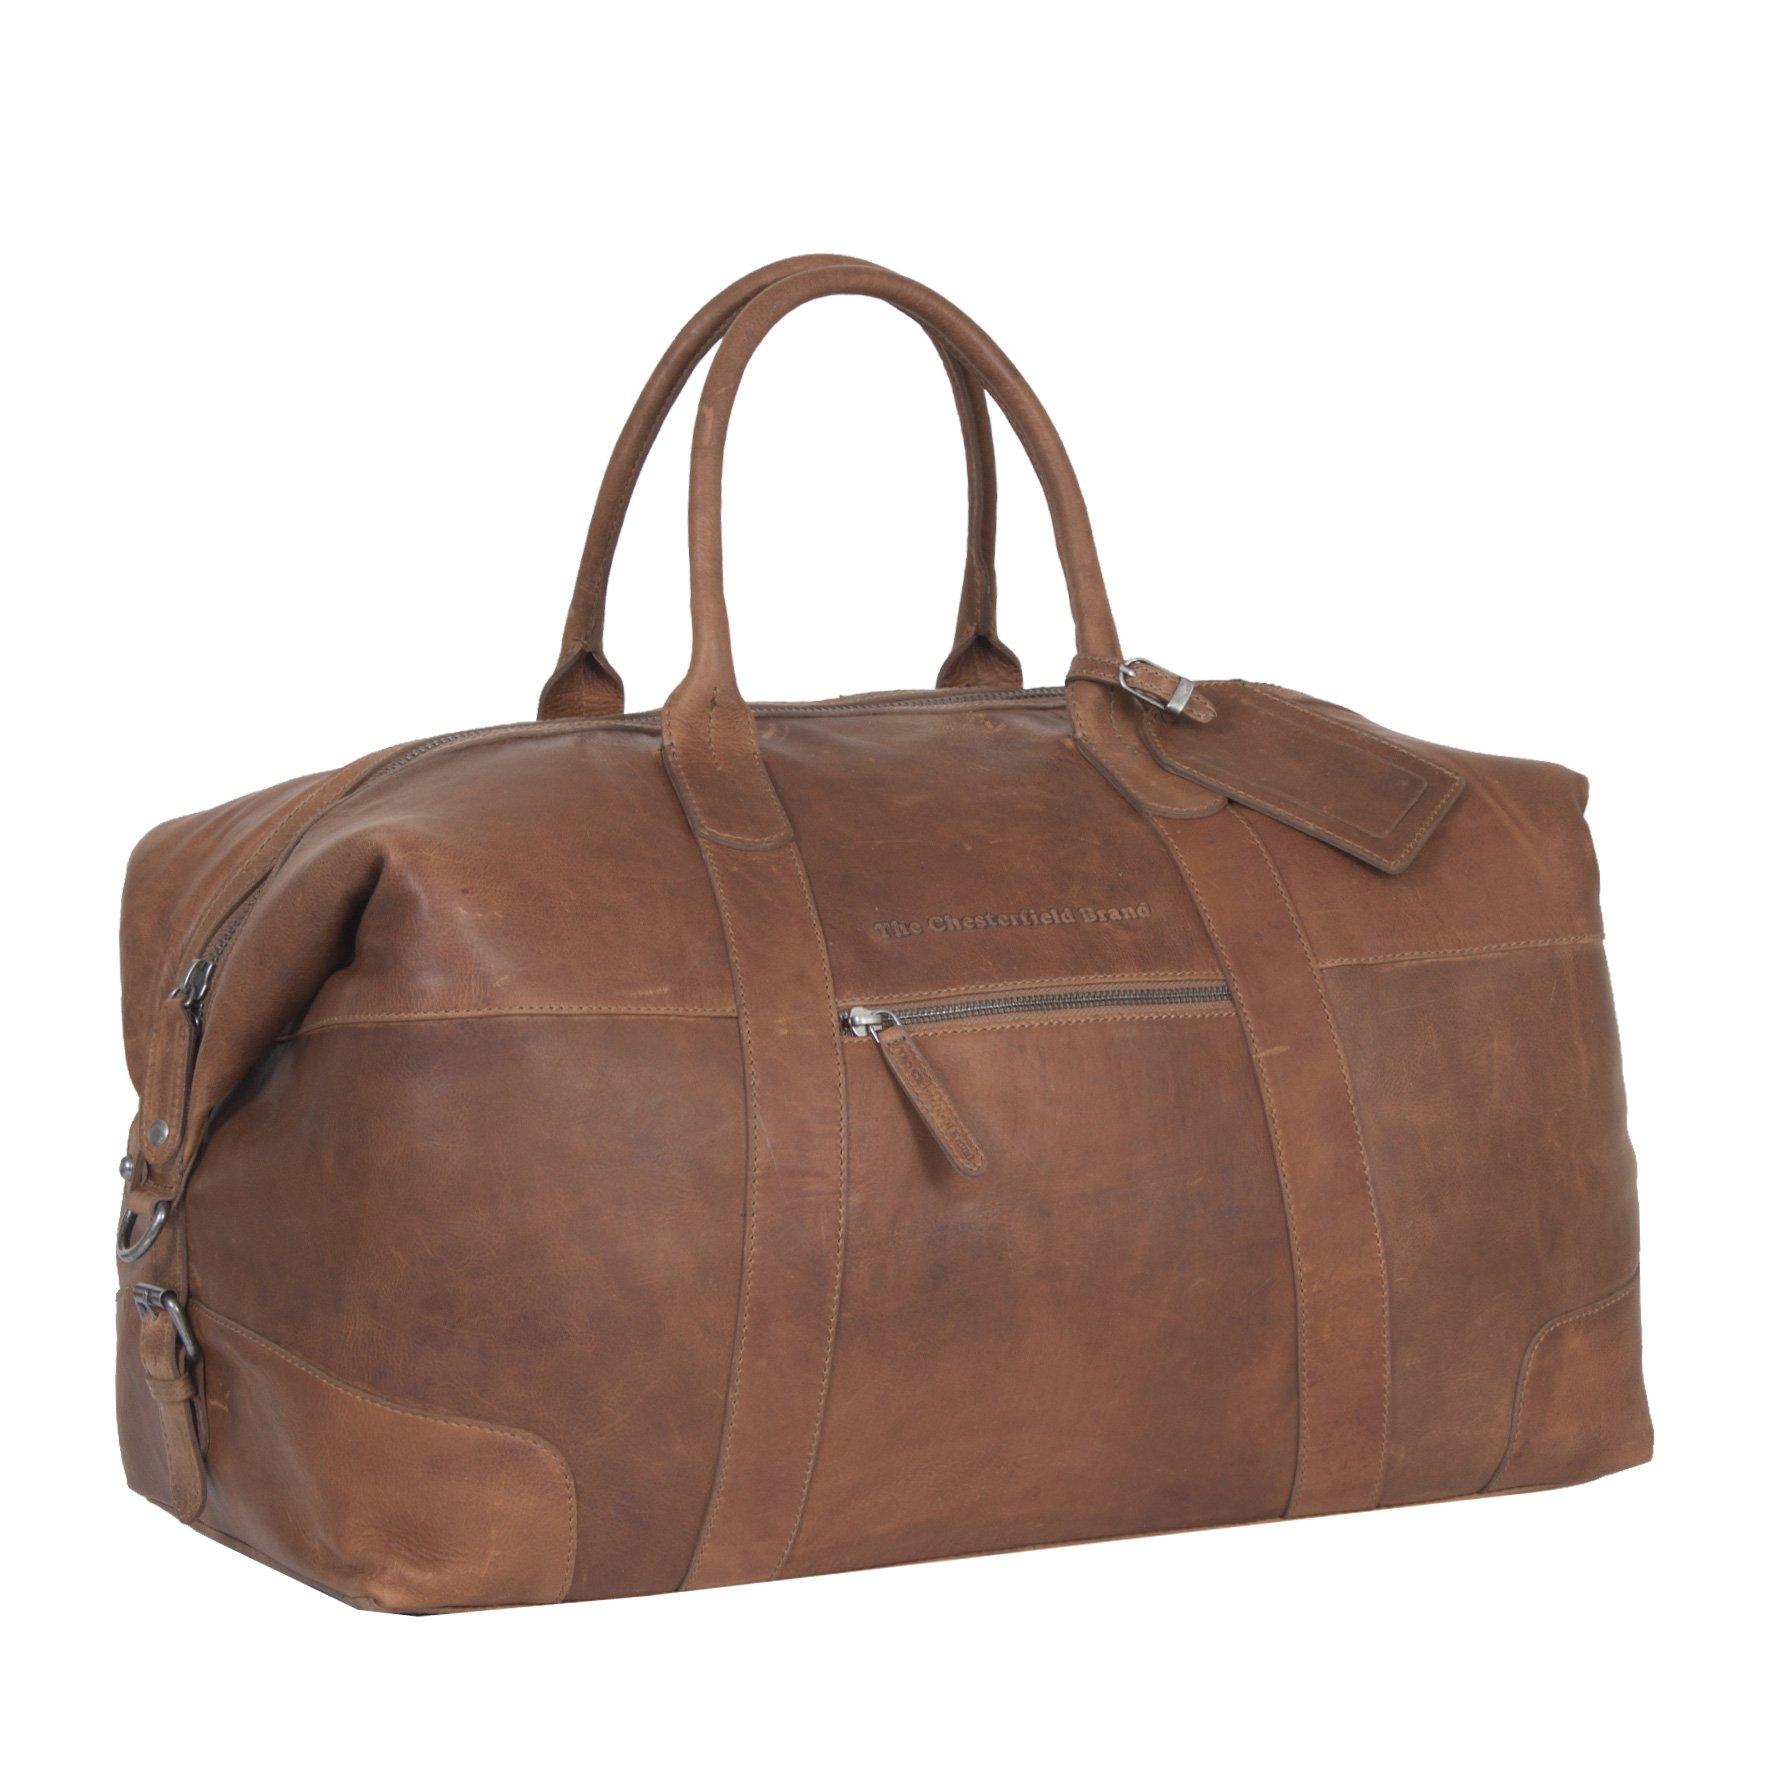 The Chesterfield Brand Handtaschen Taschen C20.0017_cognac Braun gsqKL